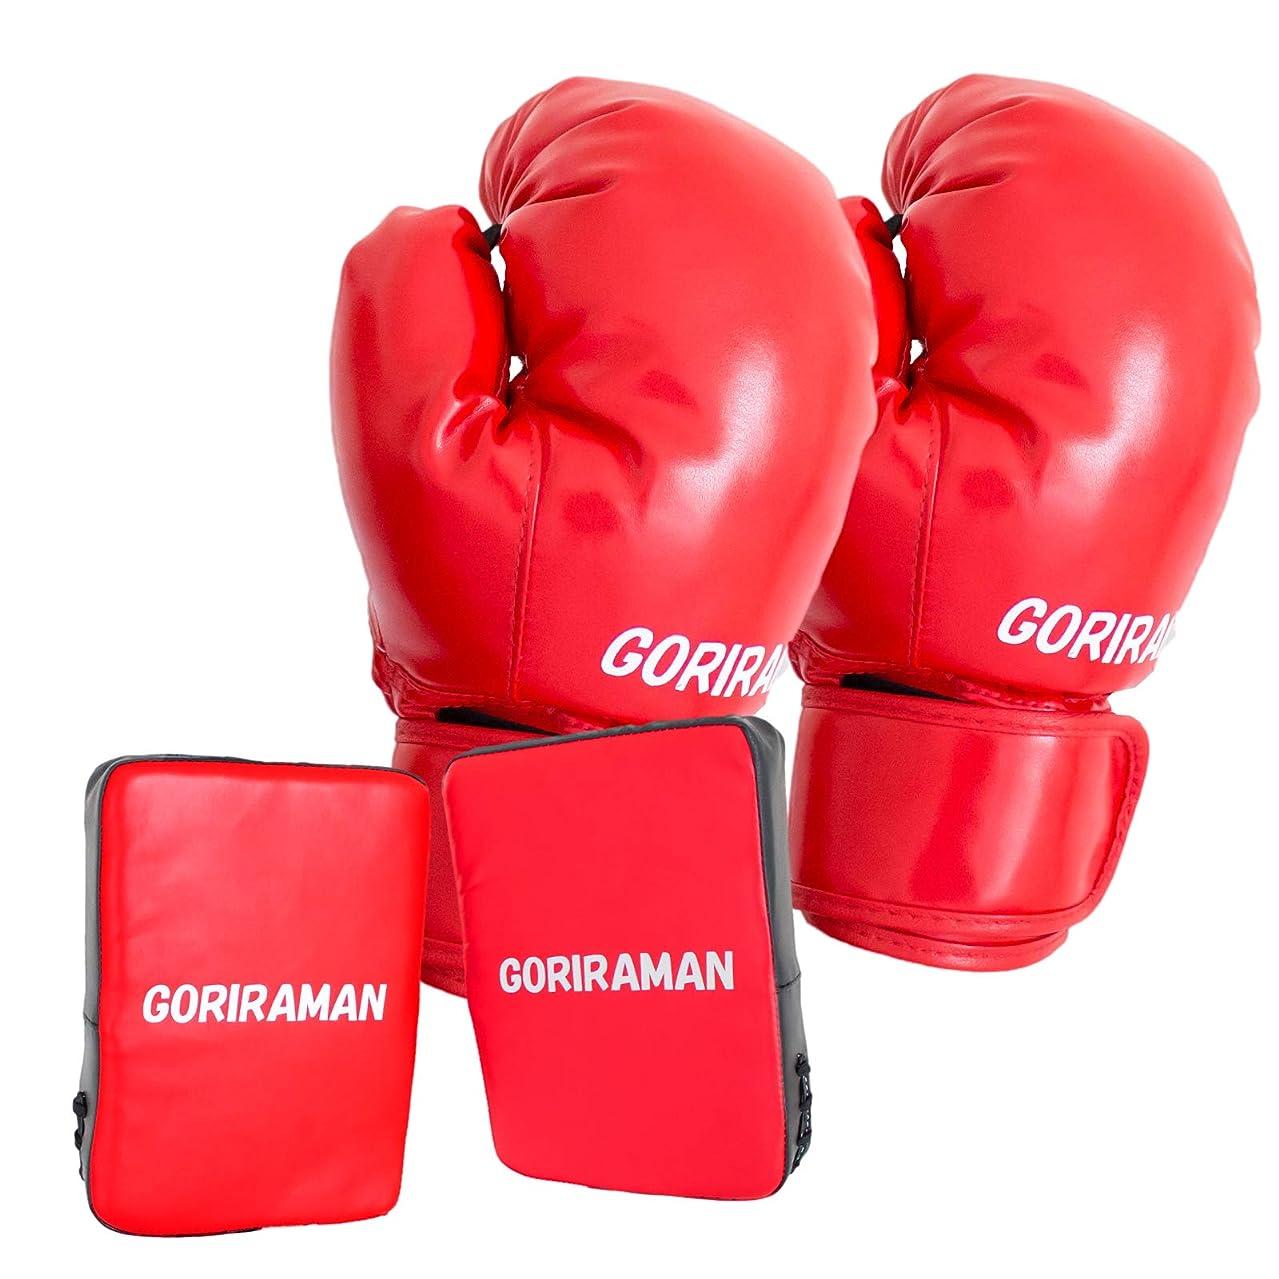 かどうか高音並外れてGORIRAMAN(ゴリラマン)ボクシンググローブ ミットセット 10z スパーリングセット 格闘技 ボクササイズ フィットネス GG-2320